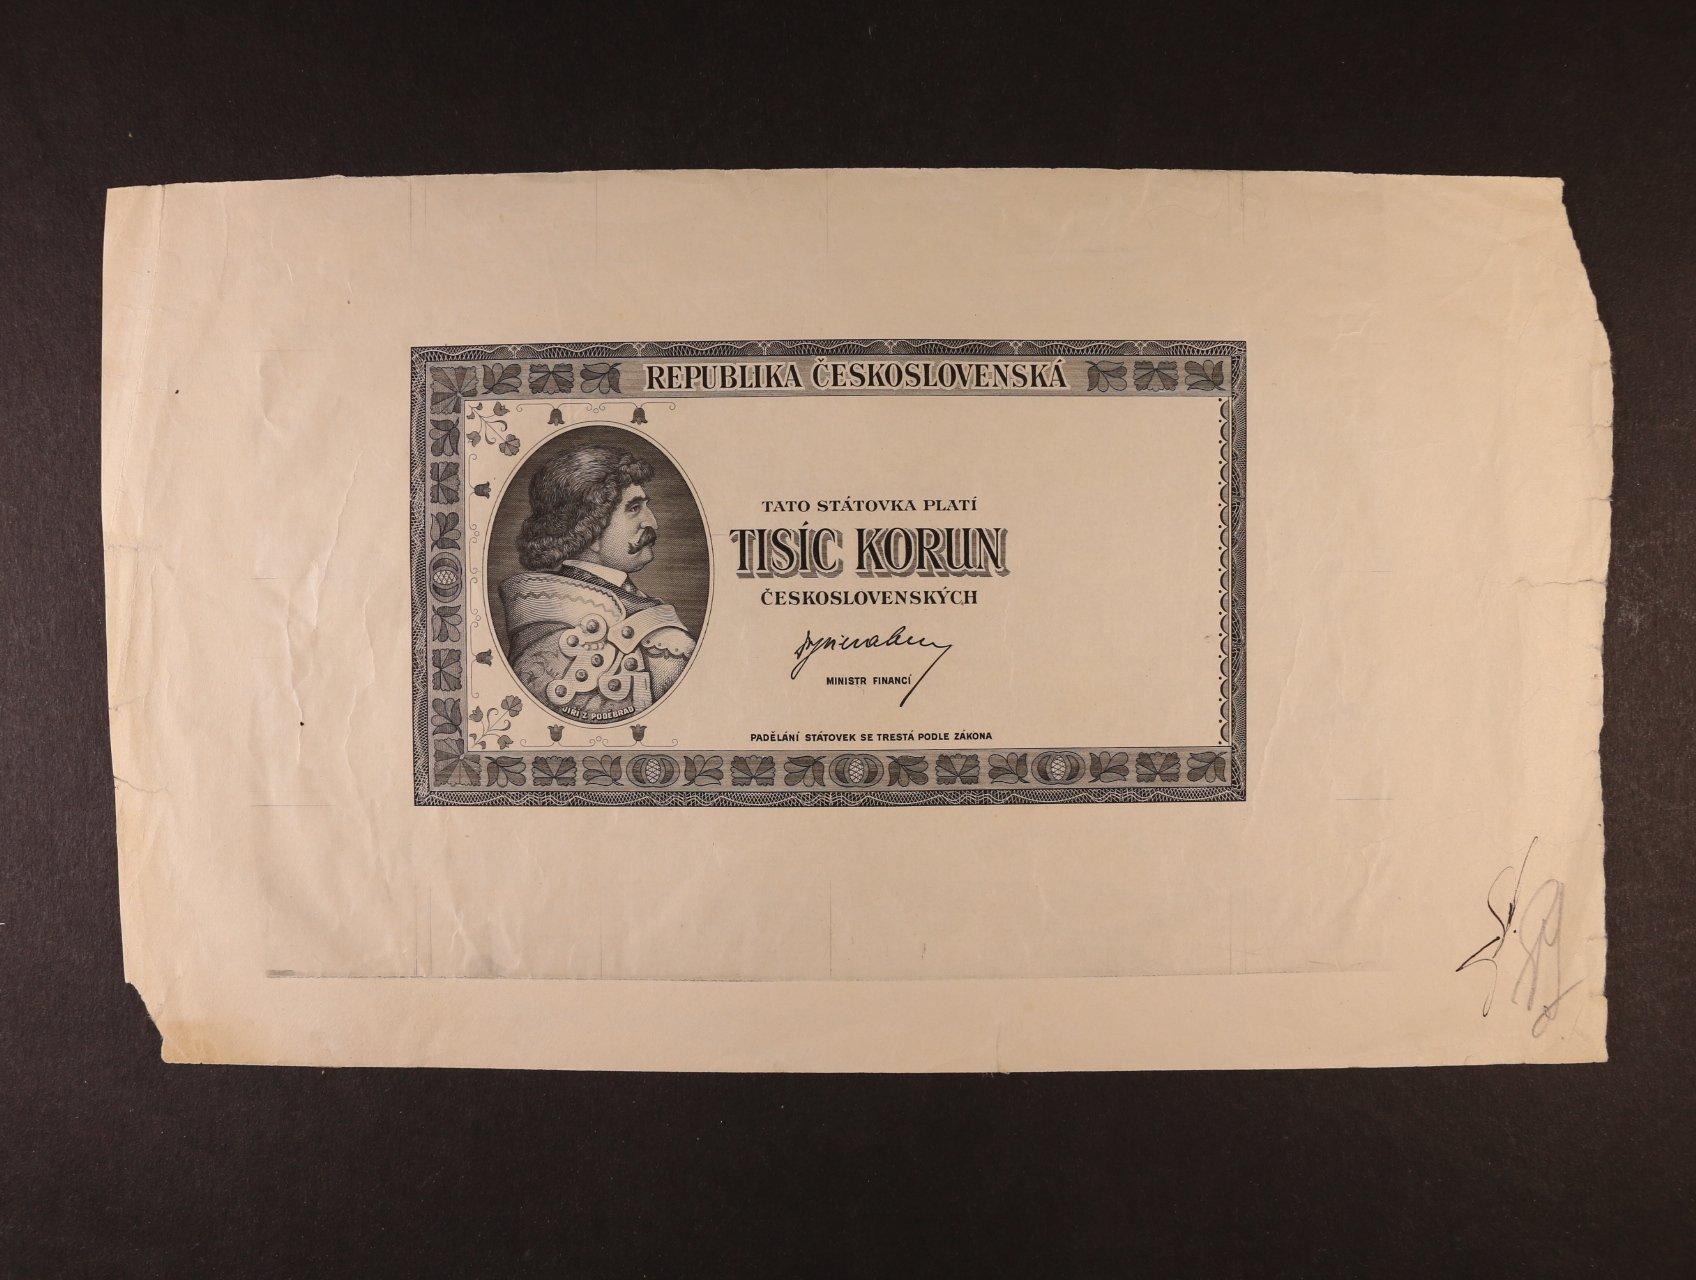 1000 Kčs 1945 jednostranný nátisk lícní strany bez podtisků na křídovém papíře velkého formátu, schvalovací podpisy, Ba. 76, zajímavý dokument